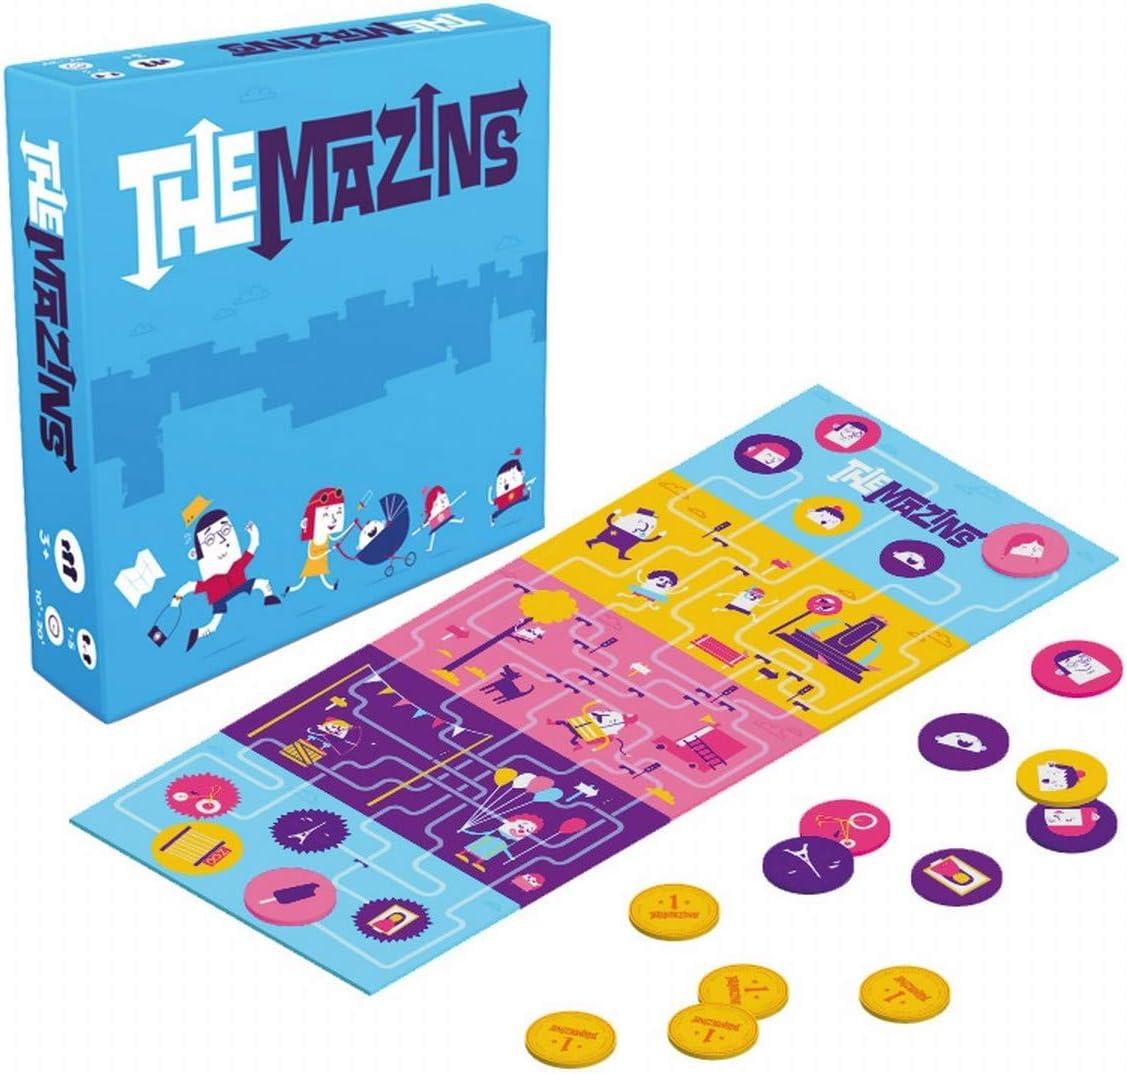 Helvetiq The MAZINS, Juego de Mesa para Toda la Familia, Dos Juegos en uno: Amazon.es: Juguetes y juegos